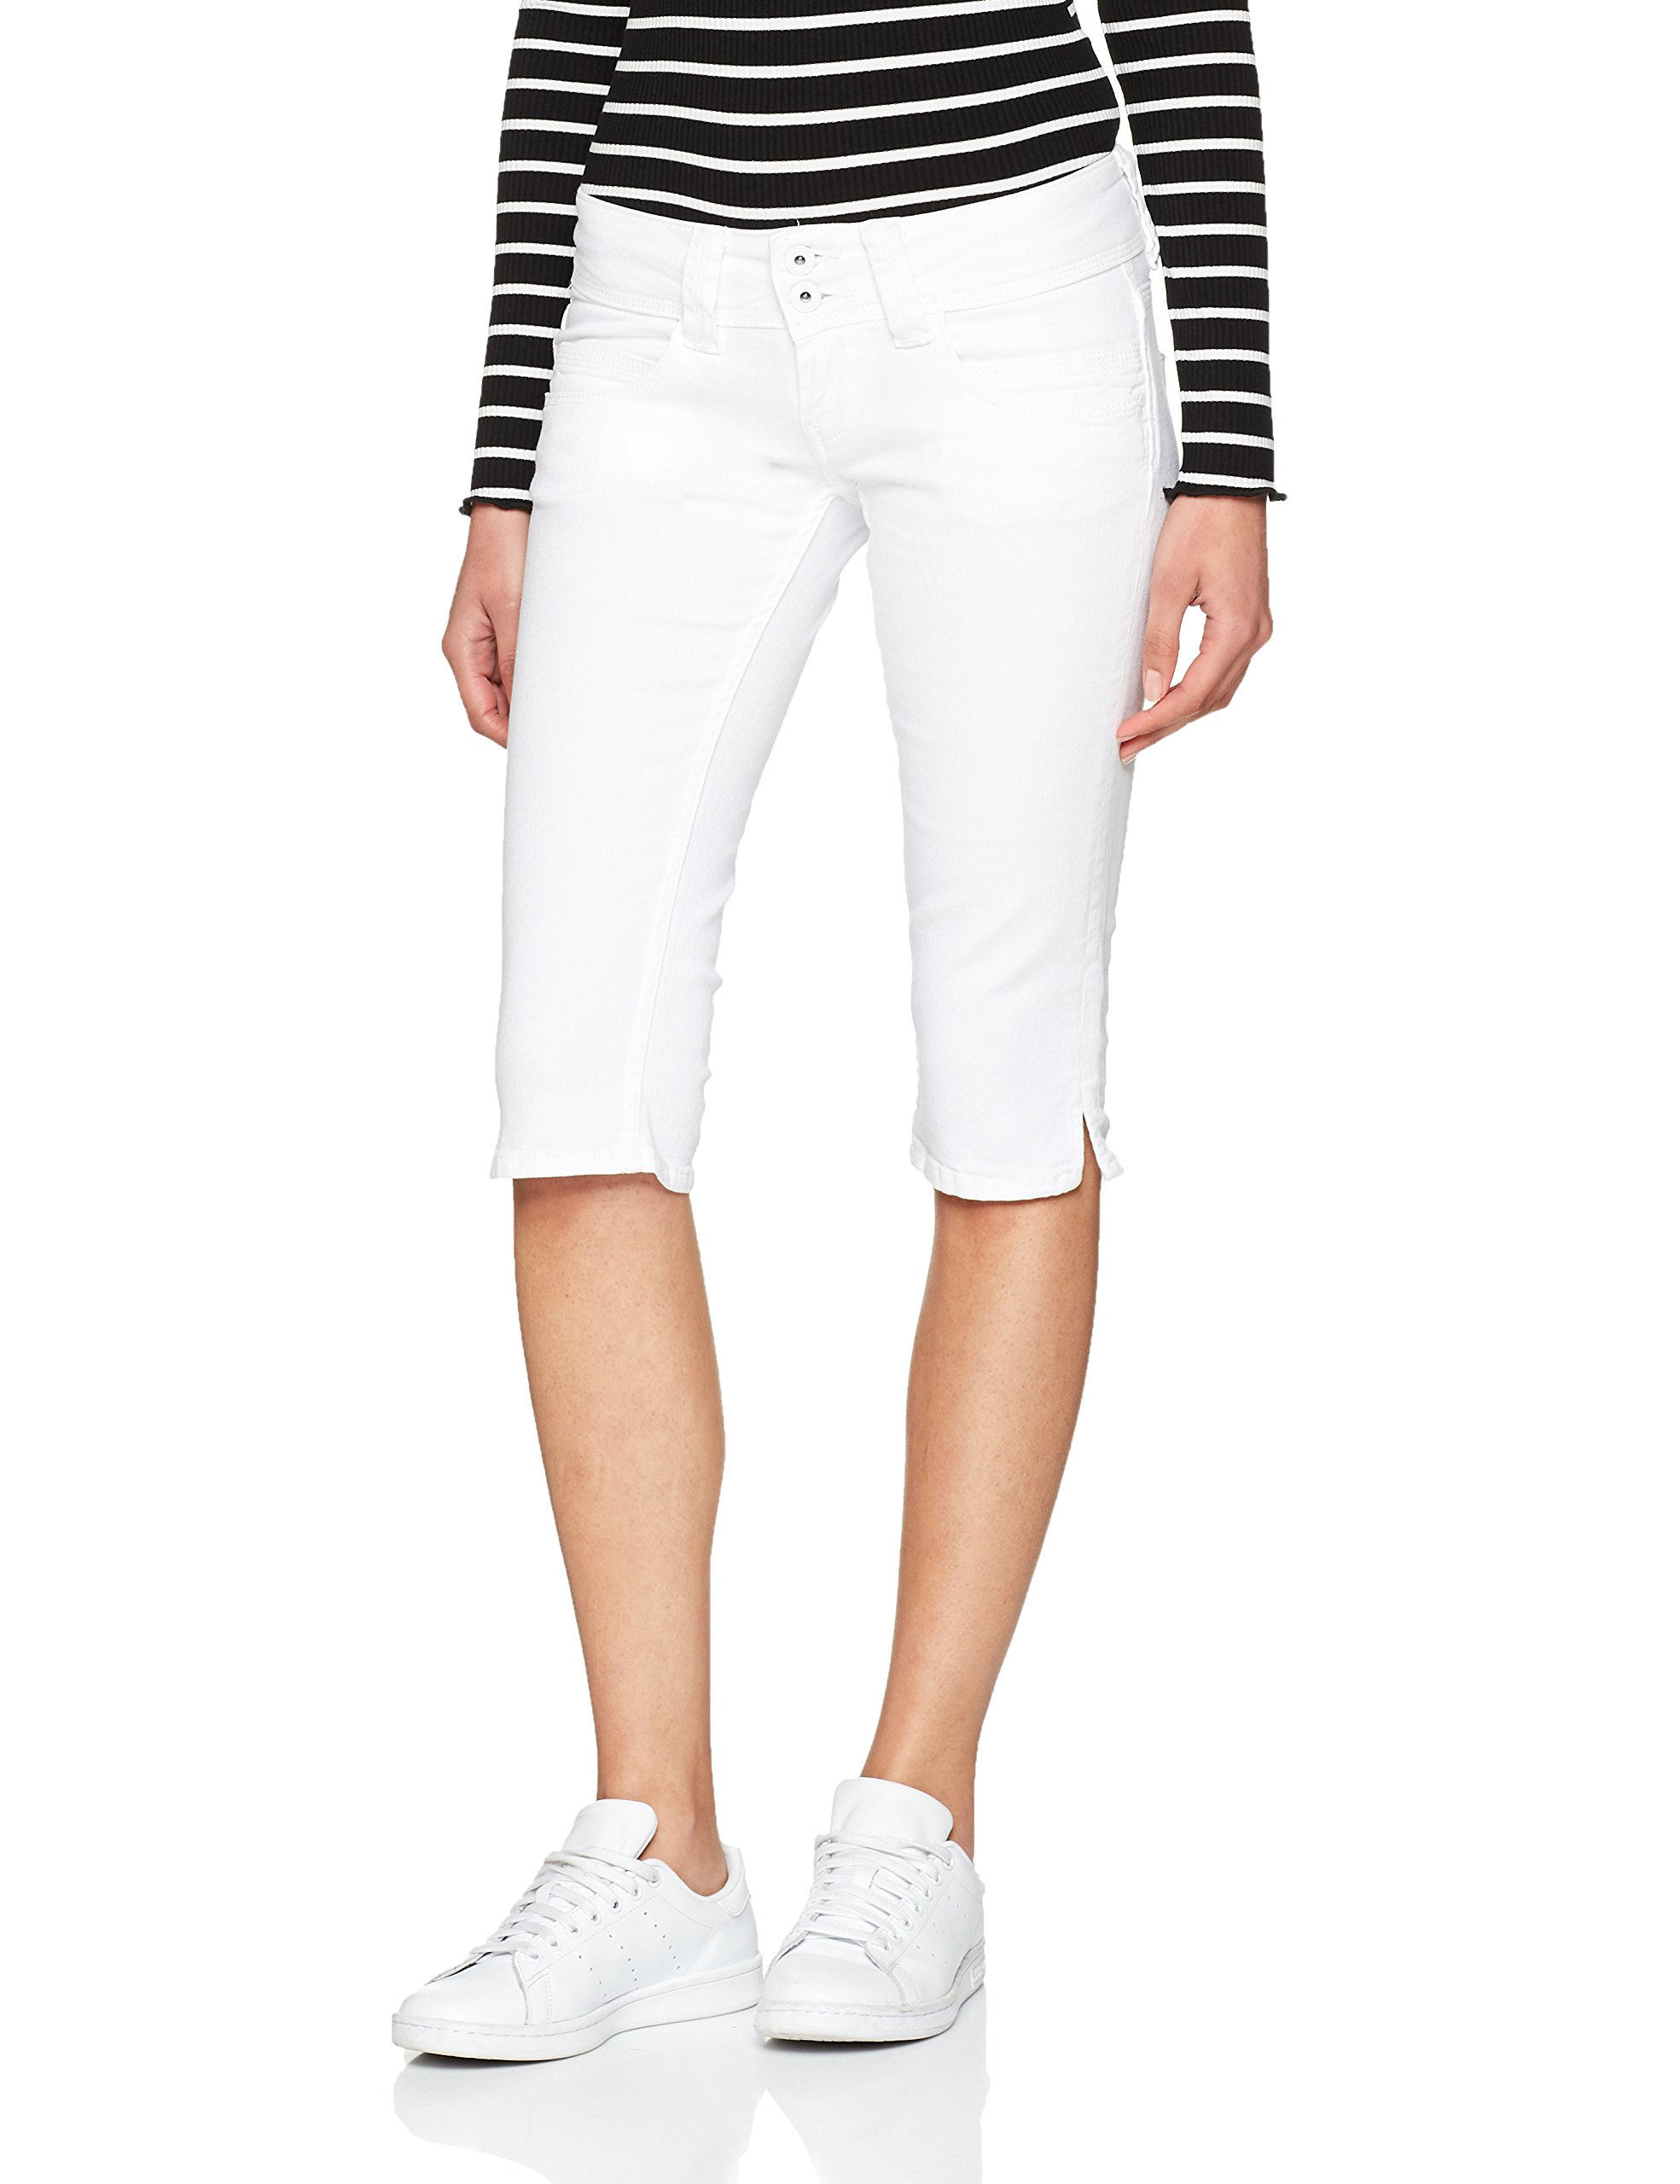 Venus Pepe BleudenimTaille Jeans Short Femme Fabricant25 Crop nwOmN0v8